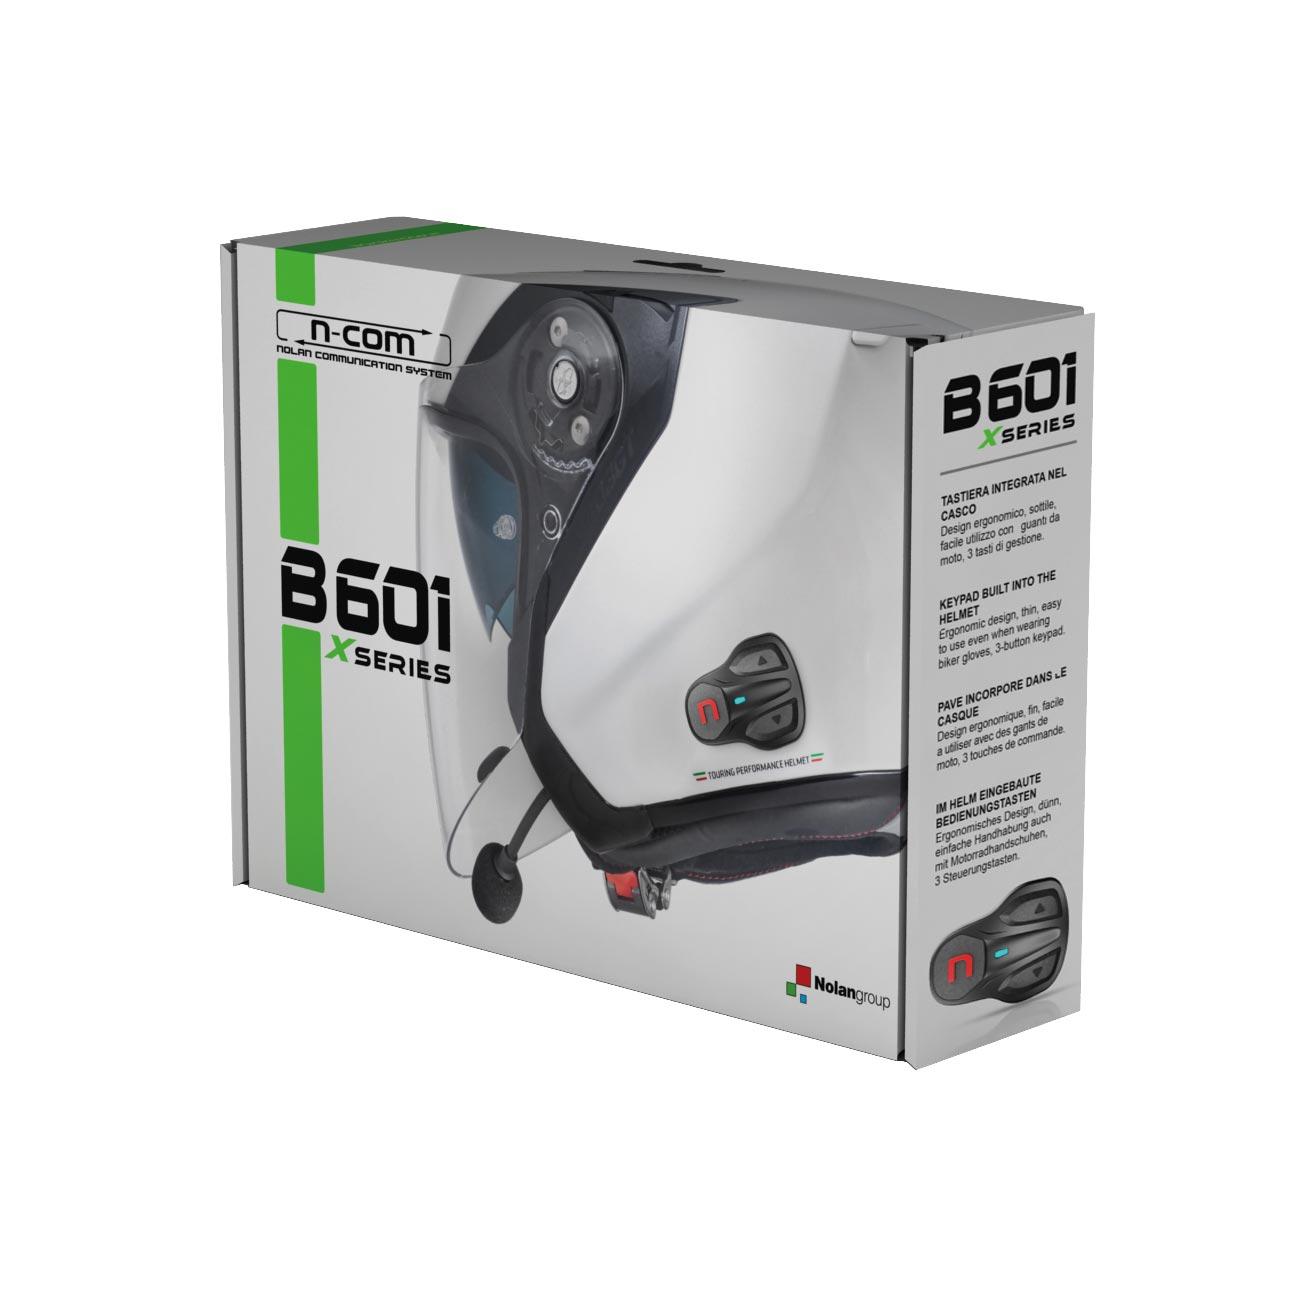 X-lite N-com B601 X Series